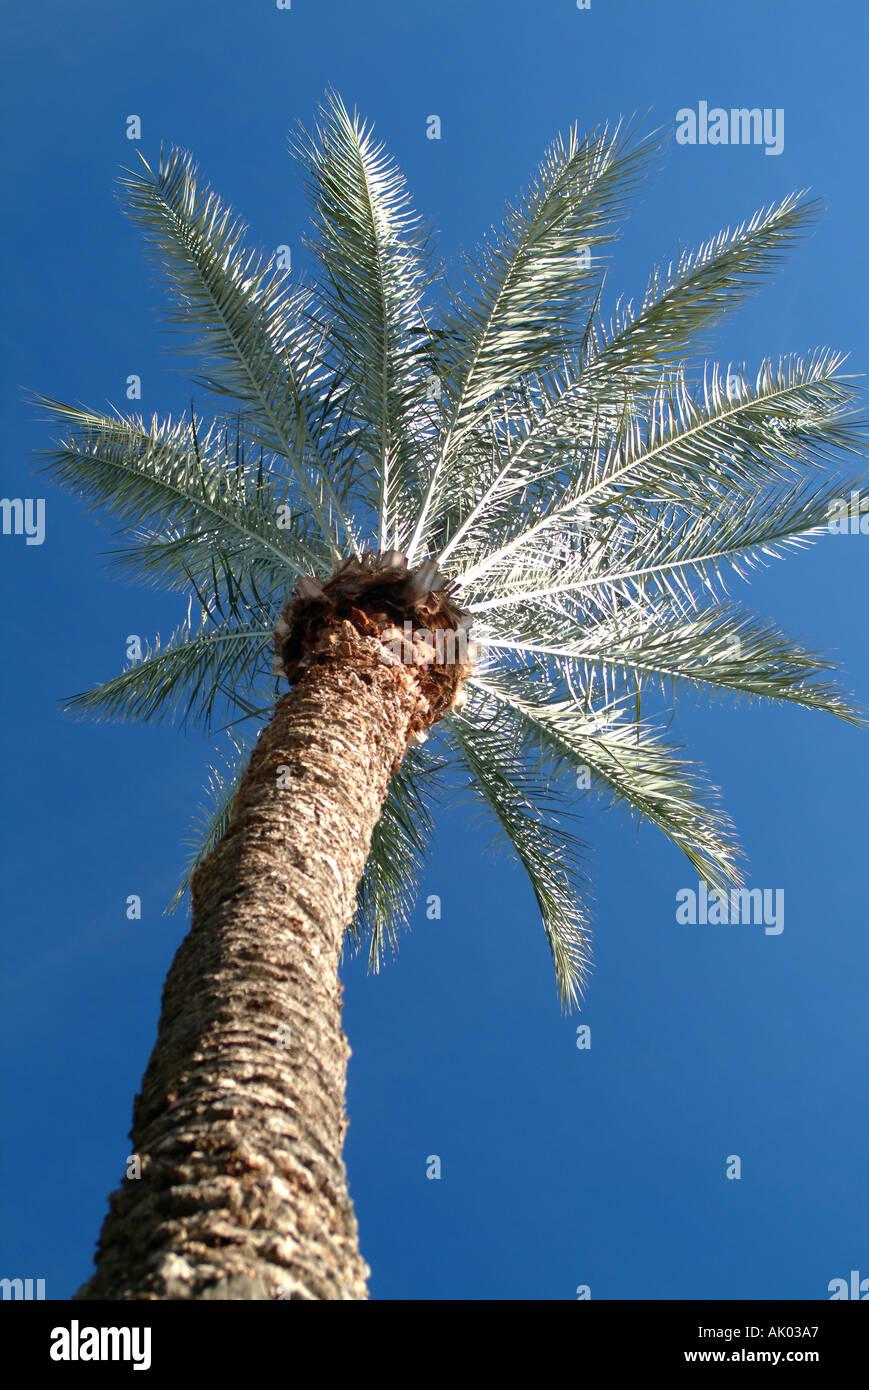 Dating Scottsdale AZ